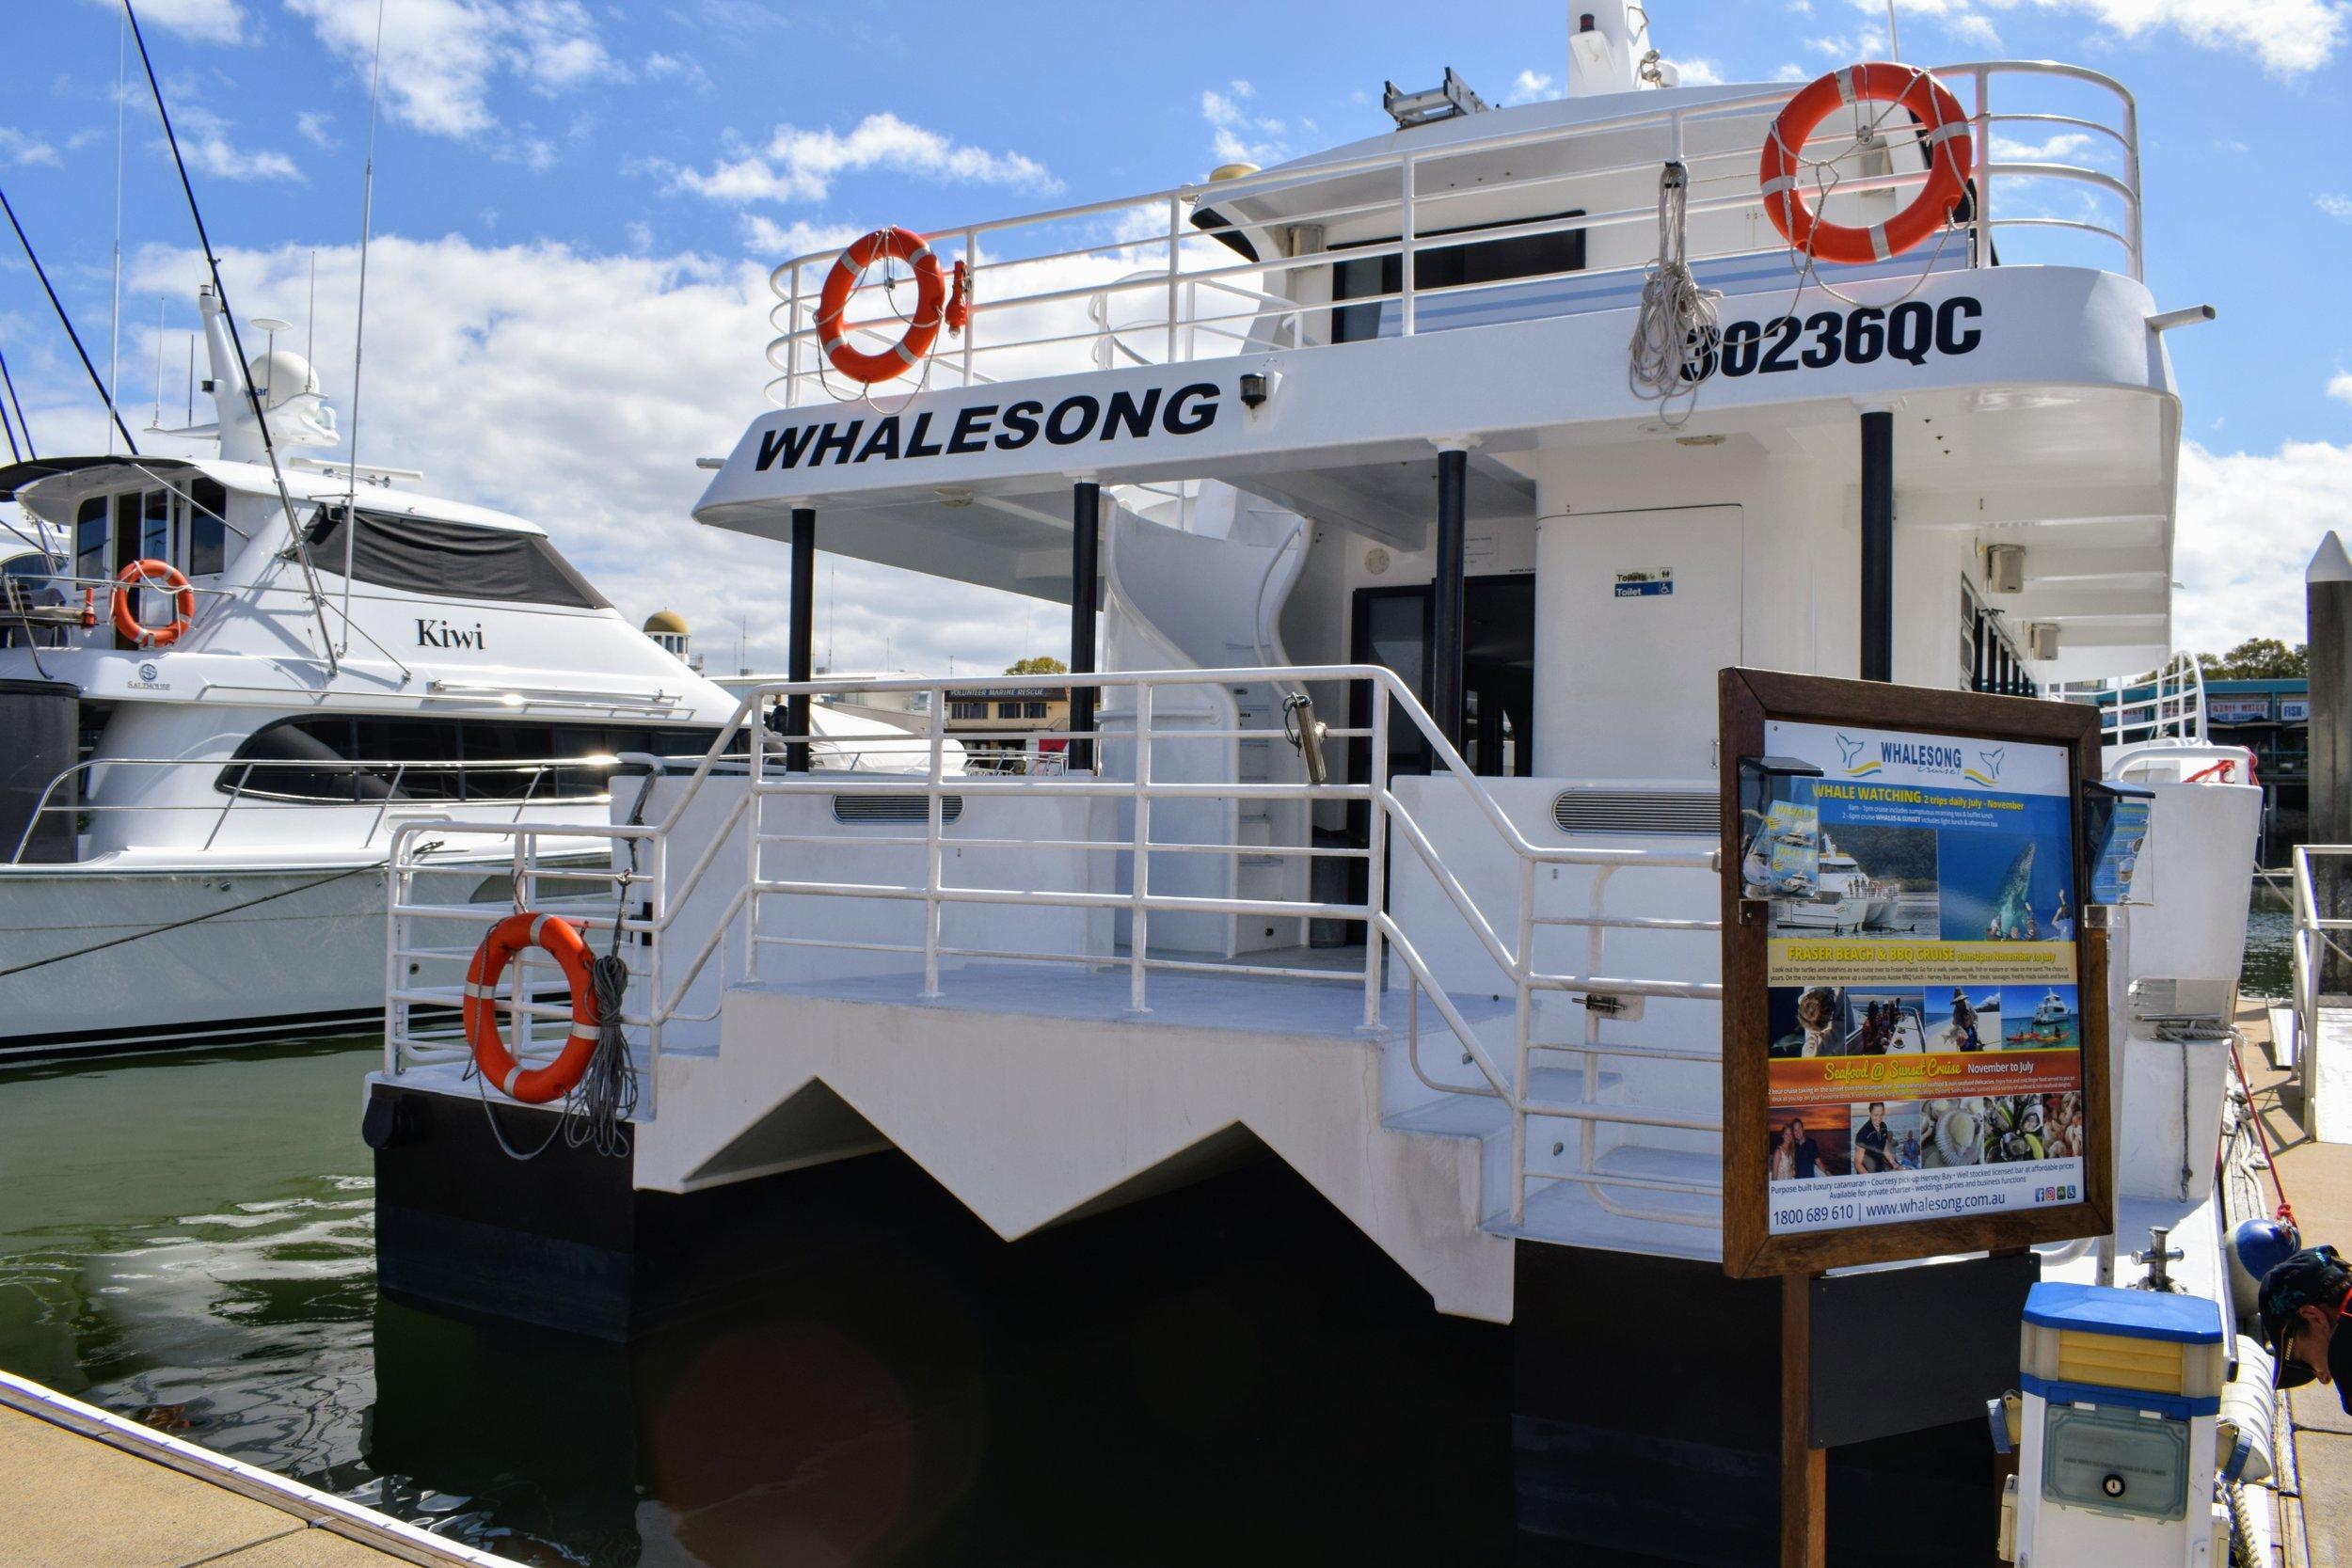 The MV Whalesong 2 docked at Urangan Marina.